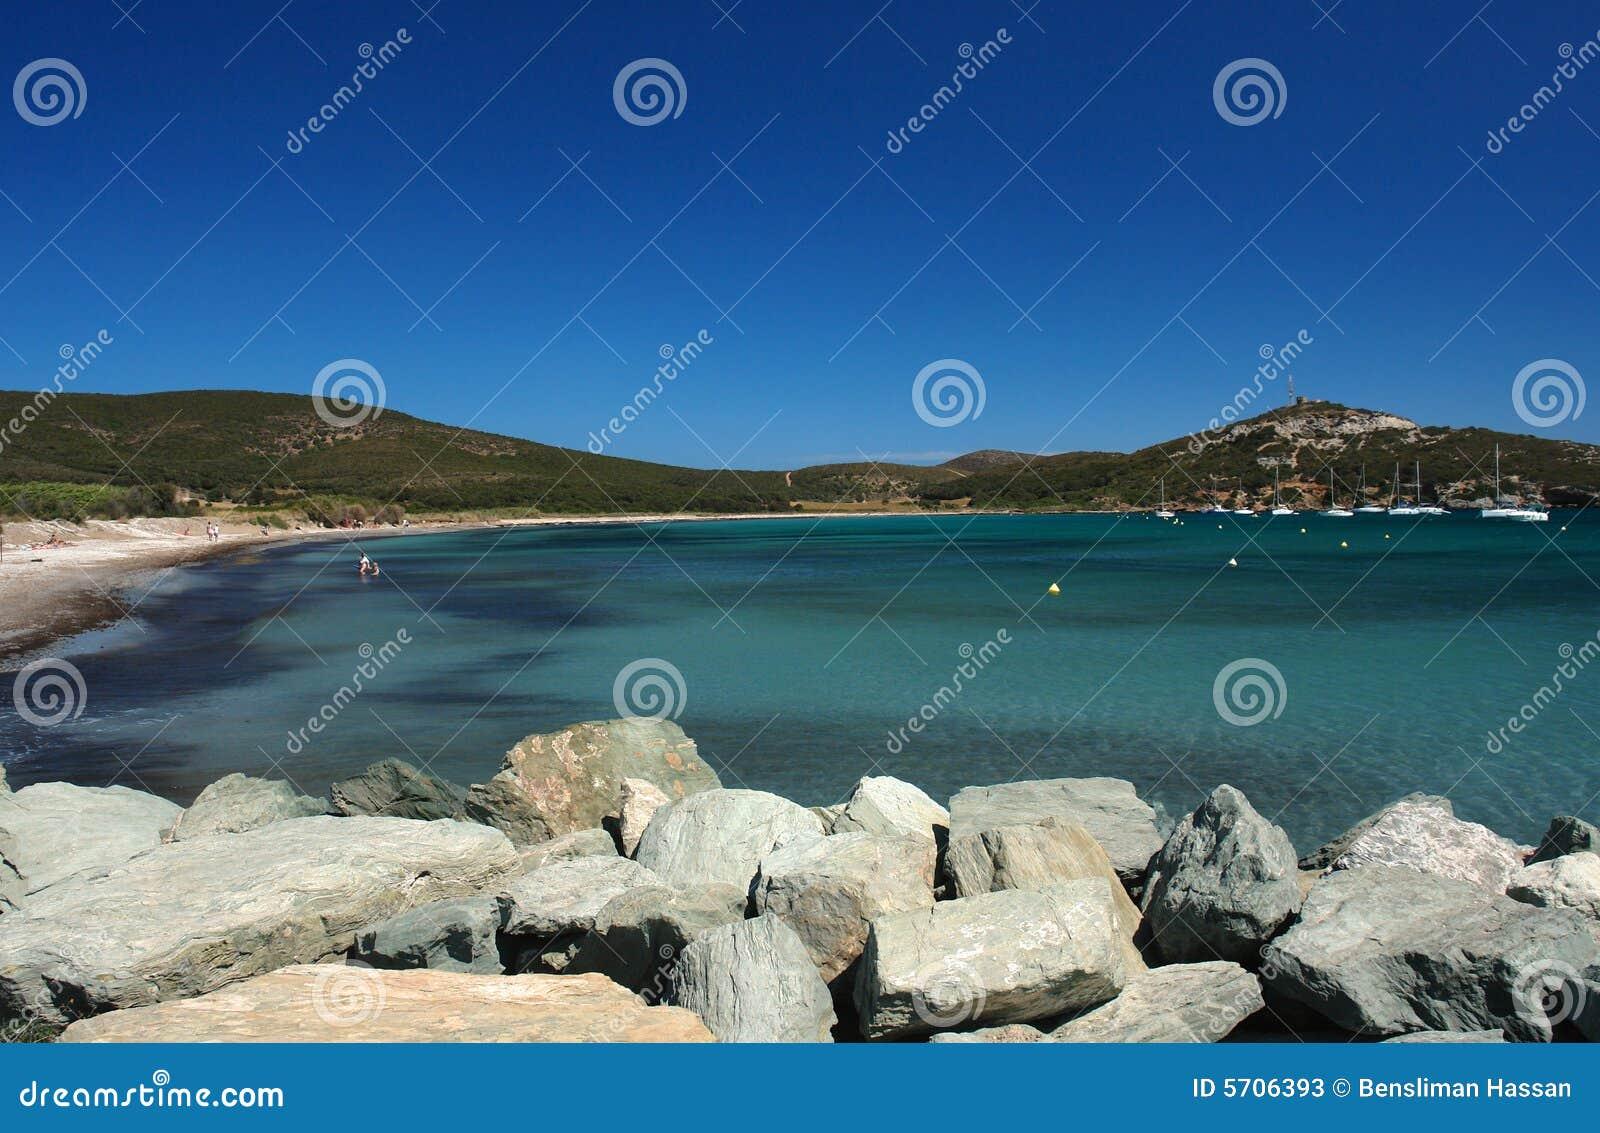 Barcaggio beach in corsica cape